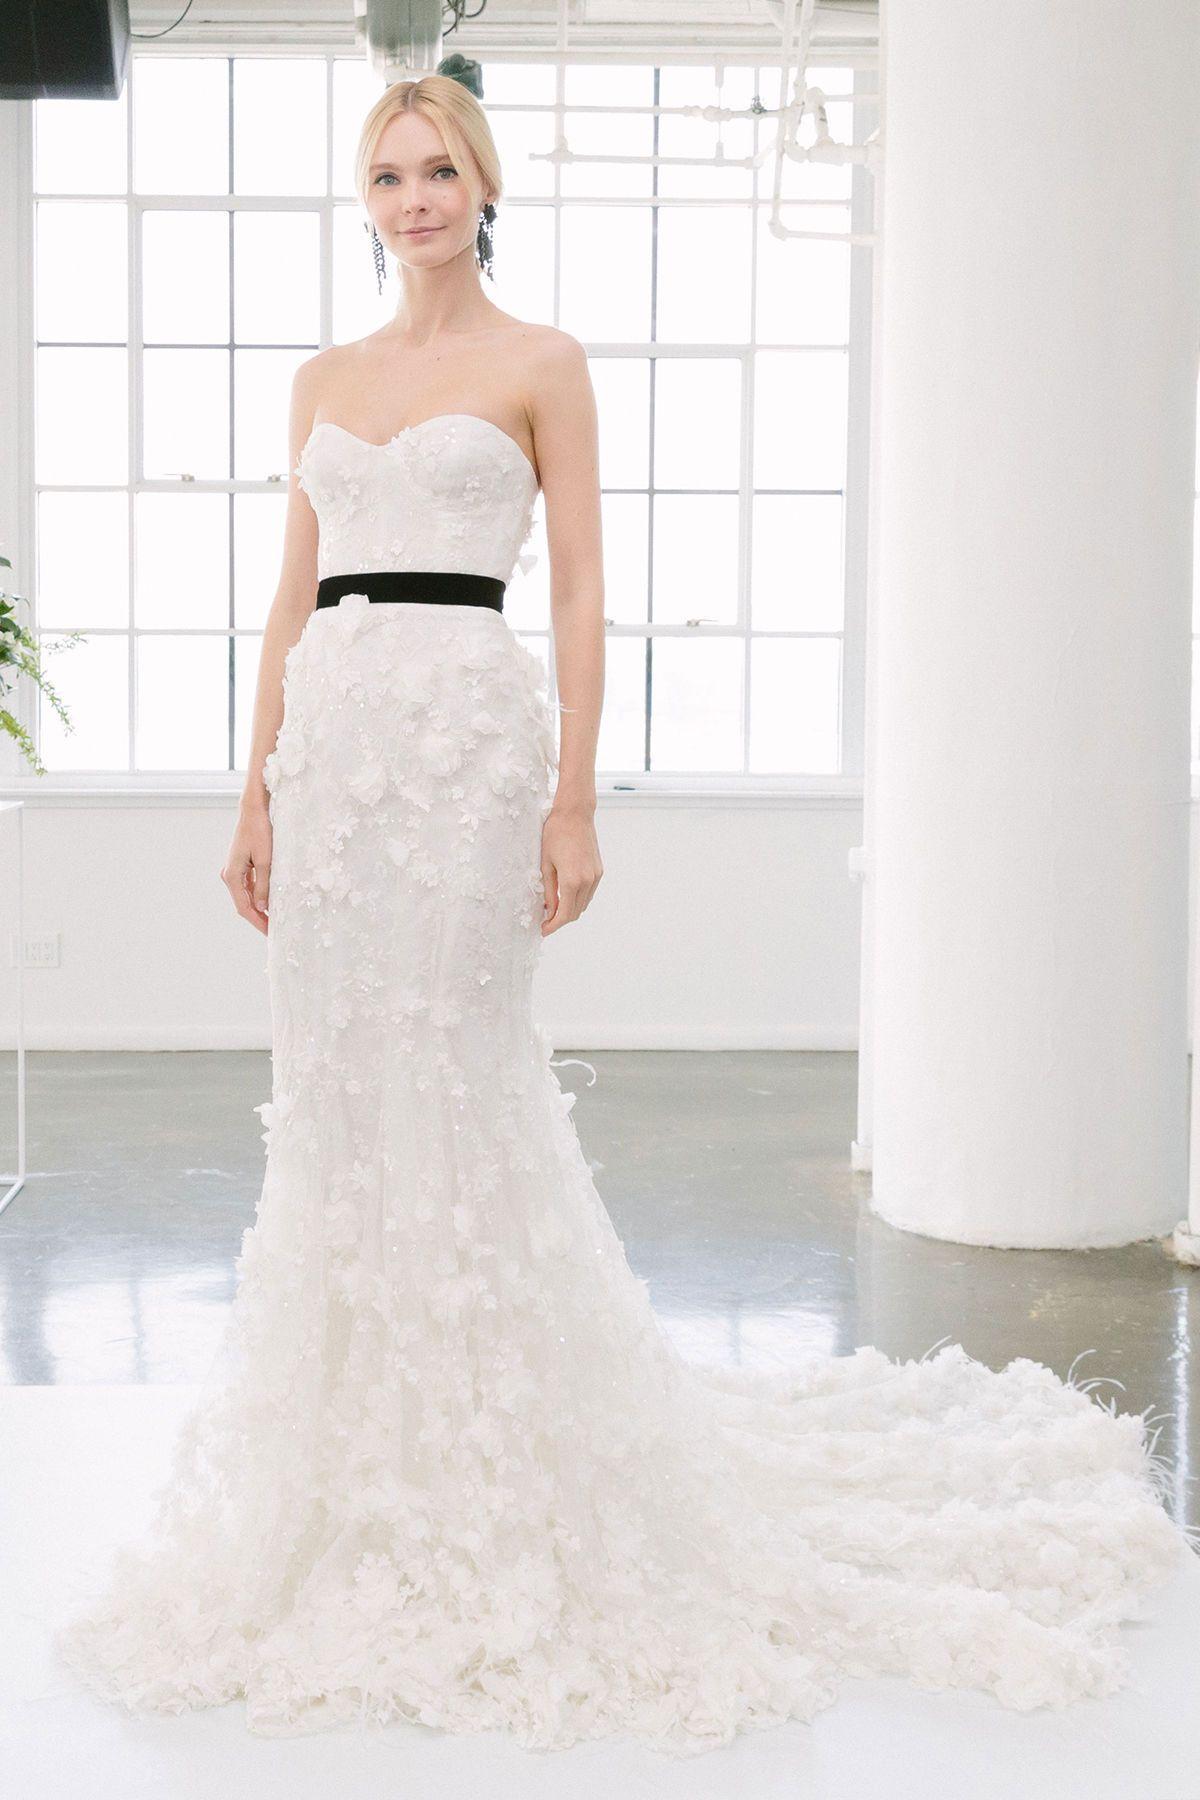 Brautkleider für jede Figur: So finden Sie das richtige Kleid | Glamour